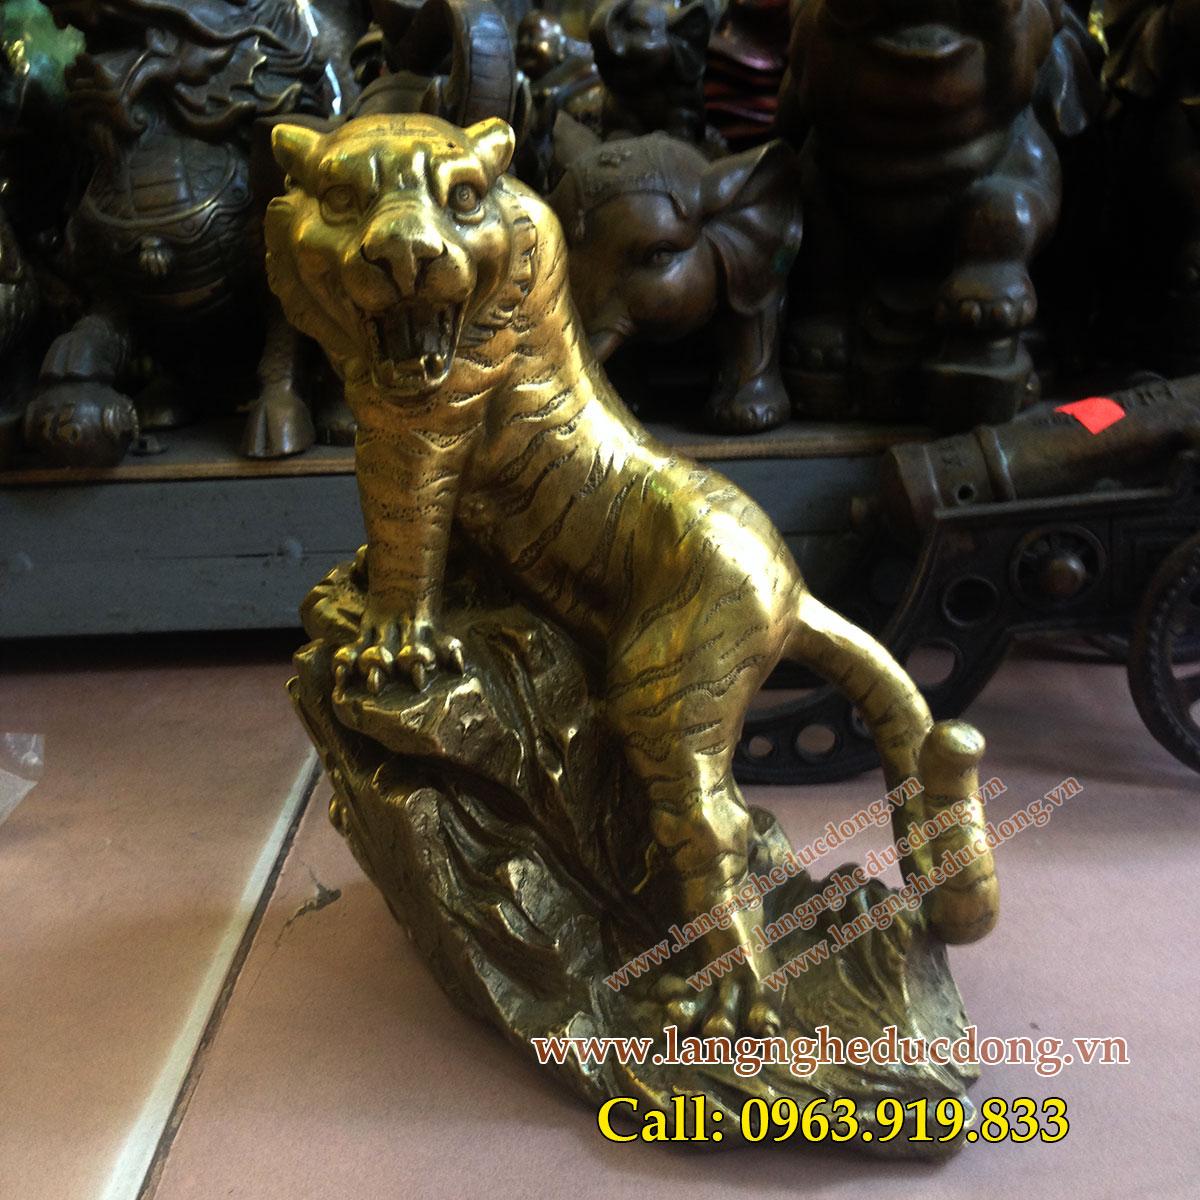 langngheducdong.vn - Tượng hổ đồng phong thủy cao 16cm, hổ bằng đồnglangngheducdong.vn - Tượng hổ đồng phong thủy cao 16cm, hổ bằng đồng